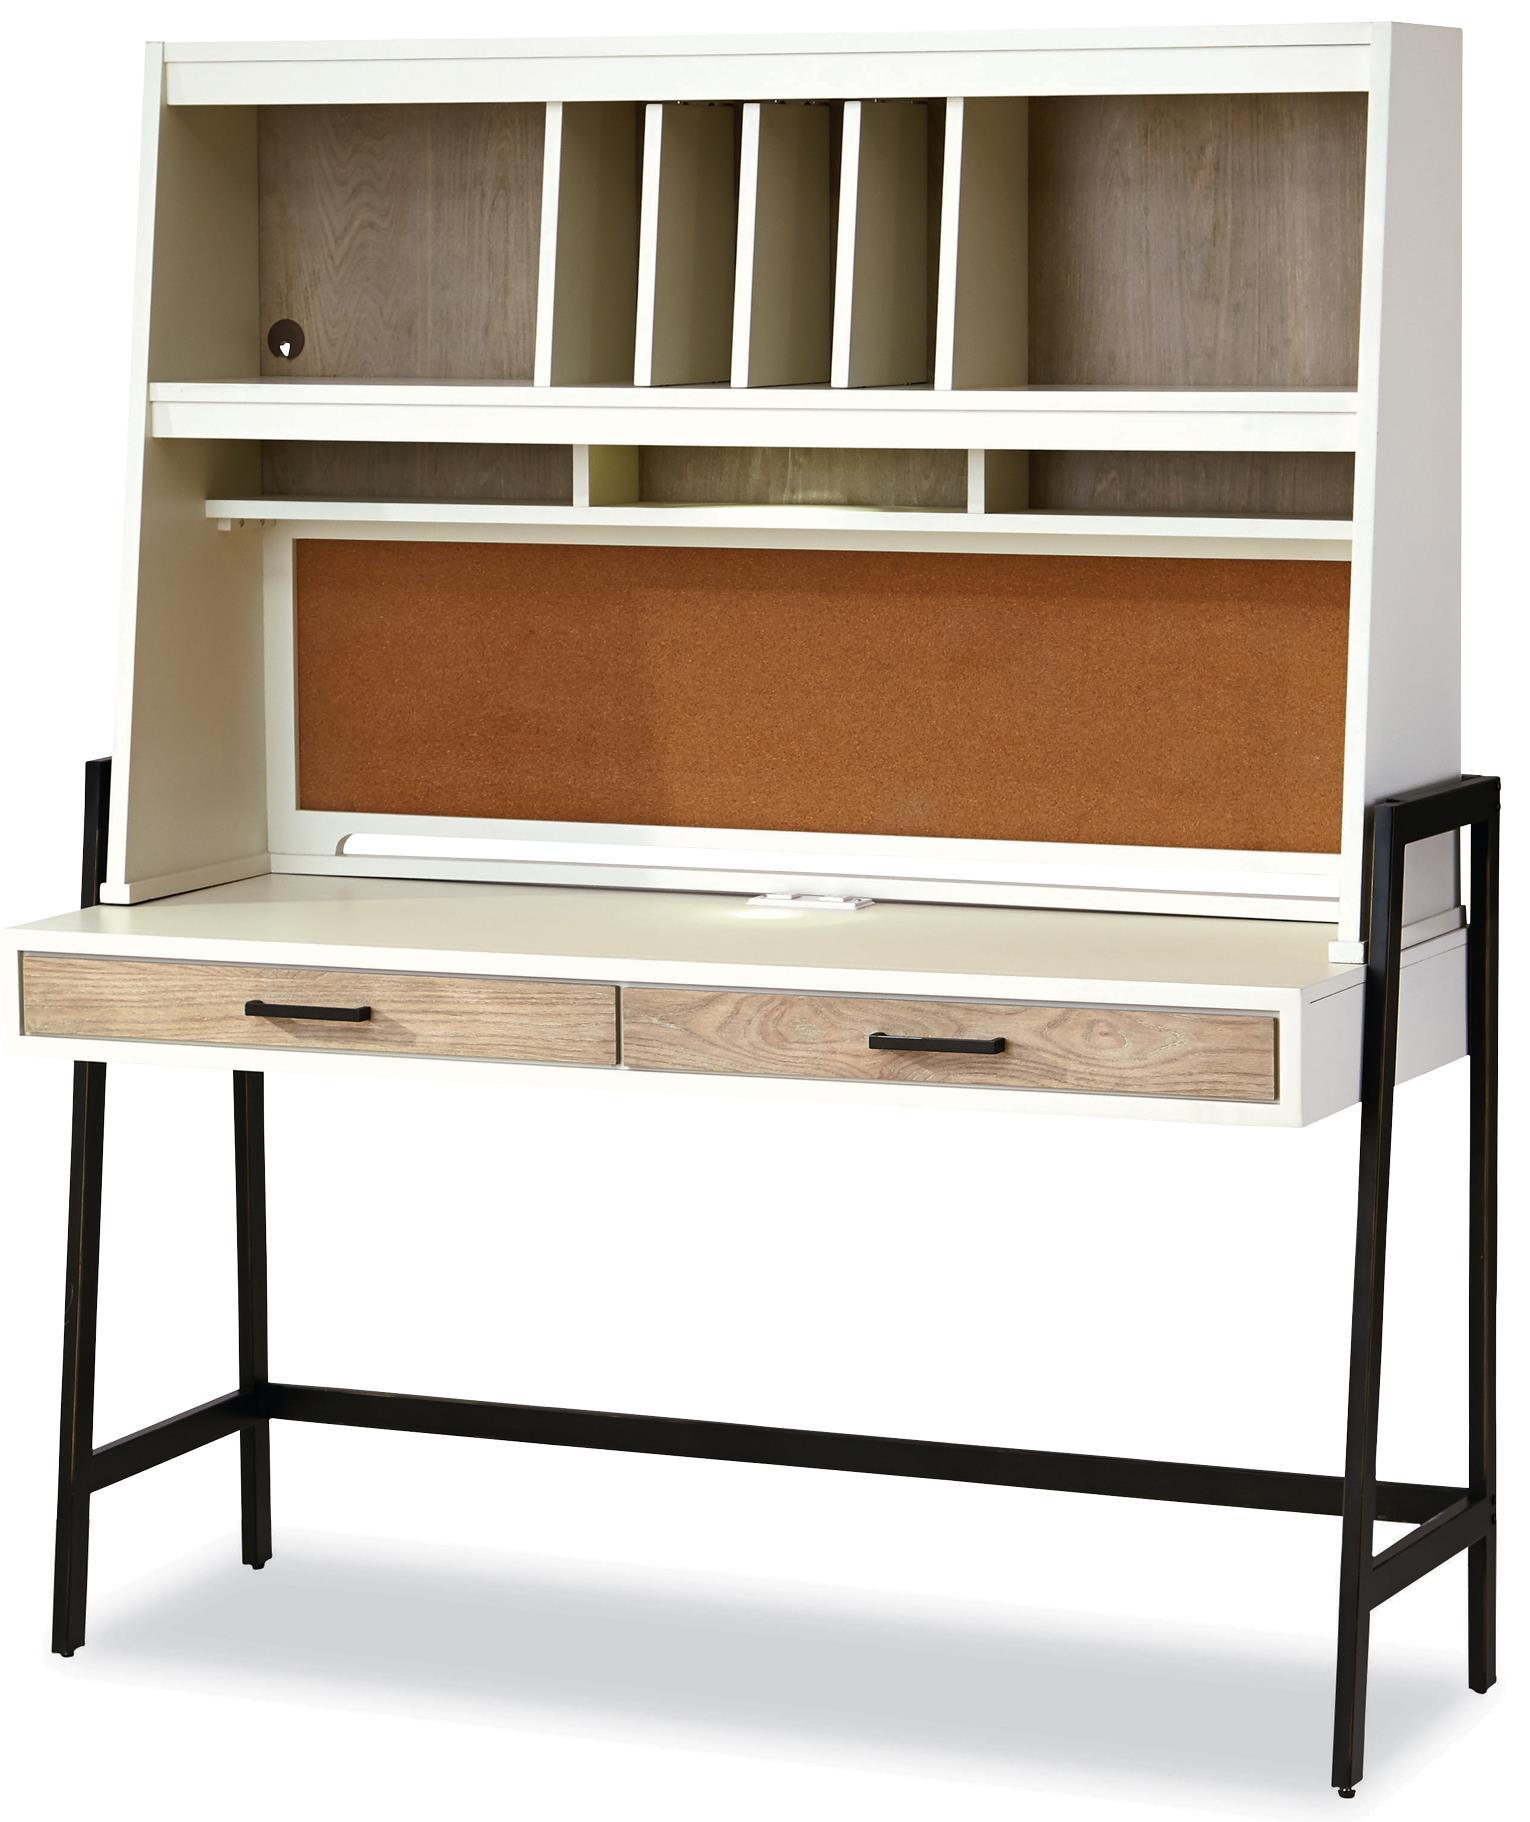 #myRoom Desk with Hutch by Smartstuff at Jacksonville Furniture Mart